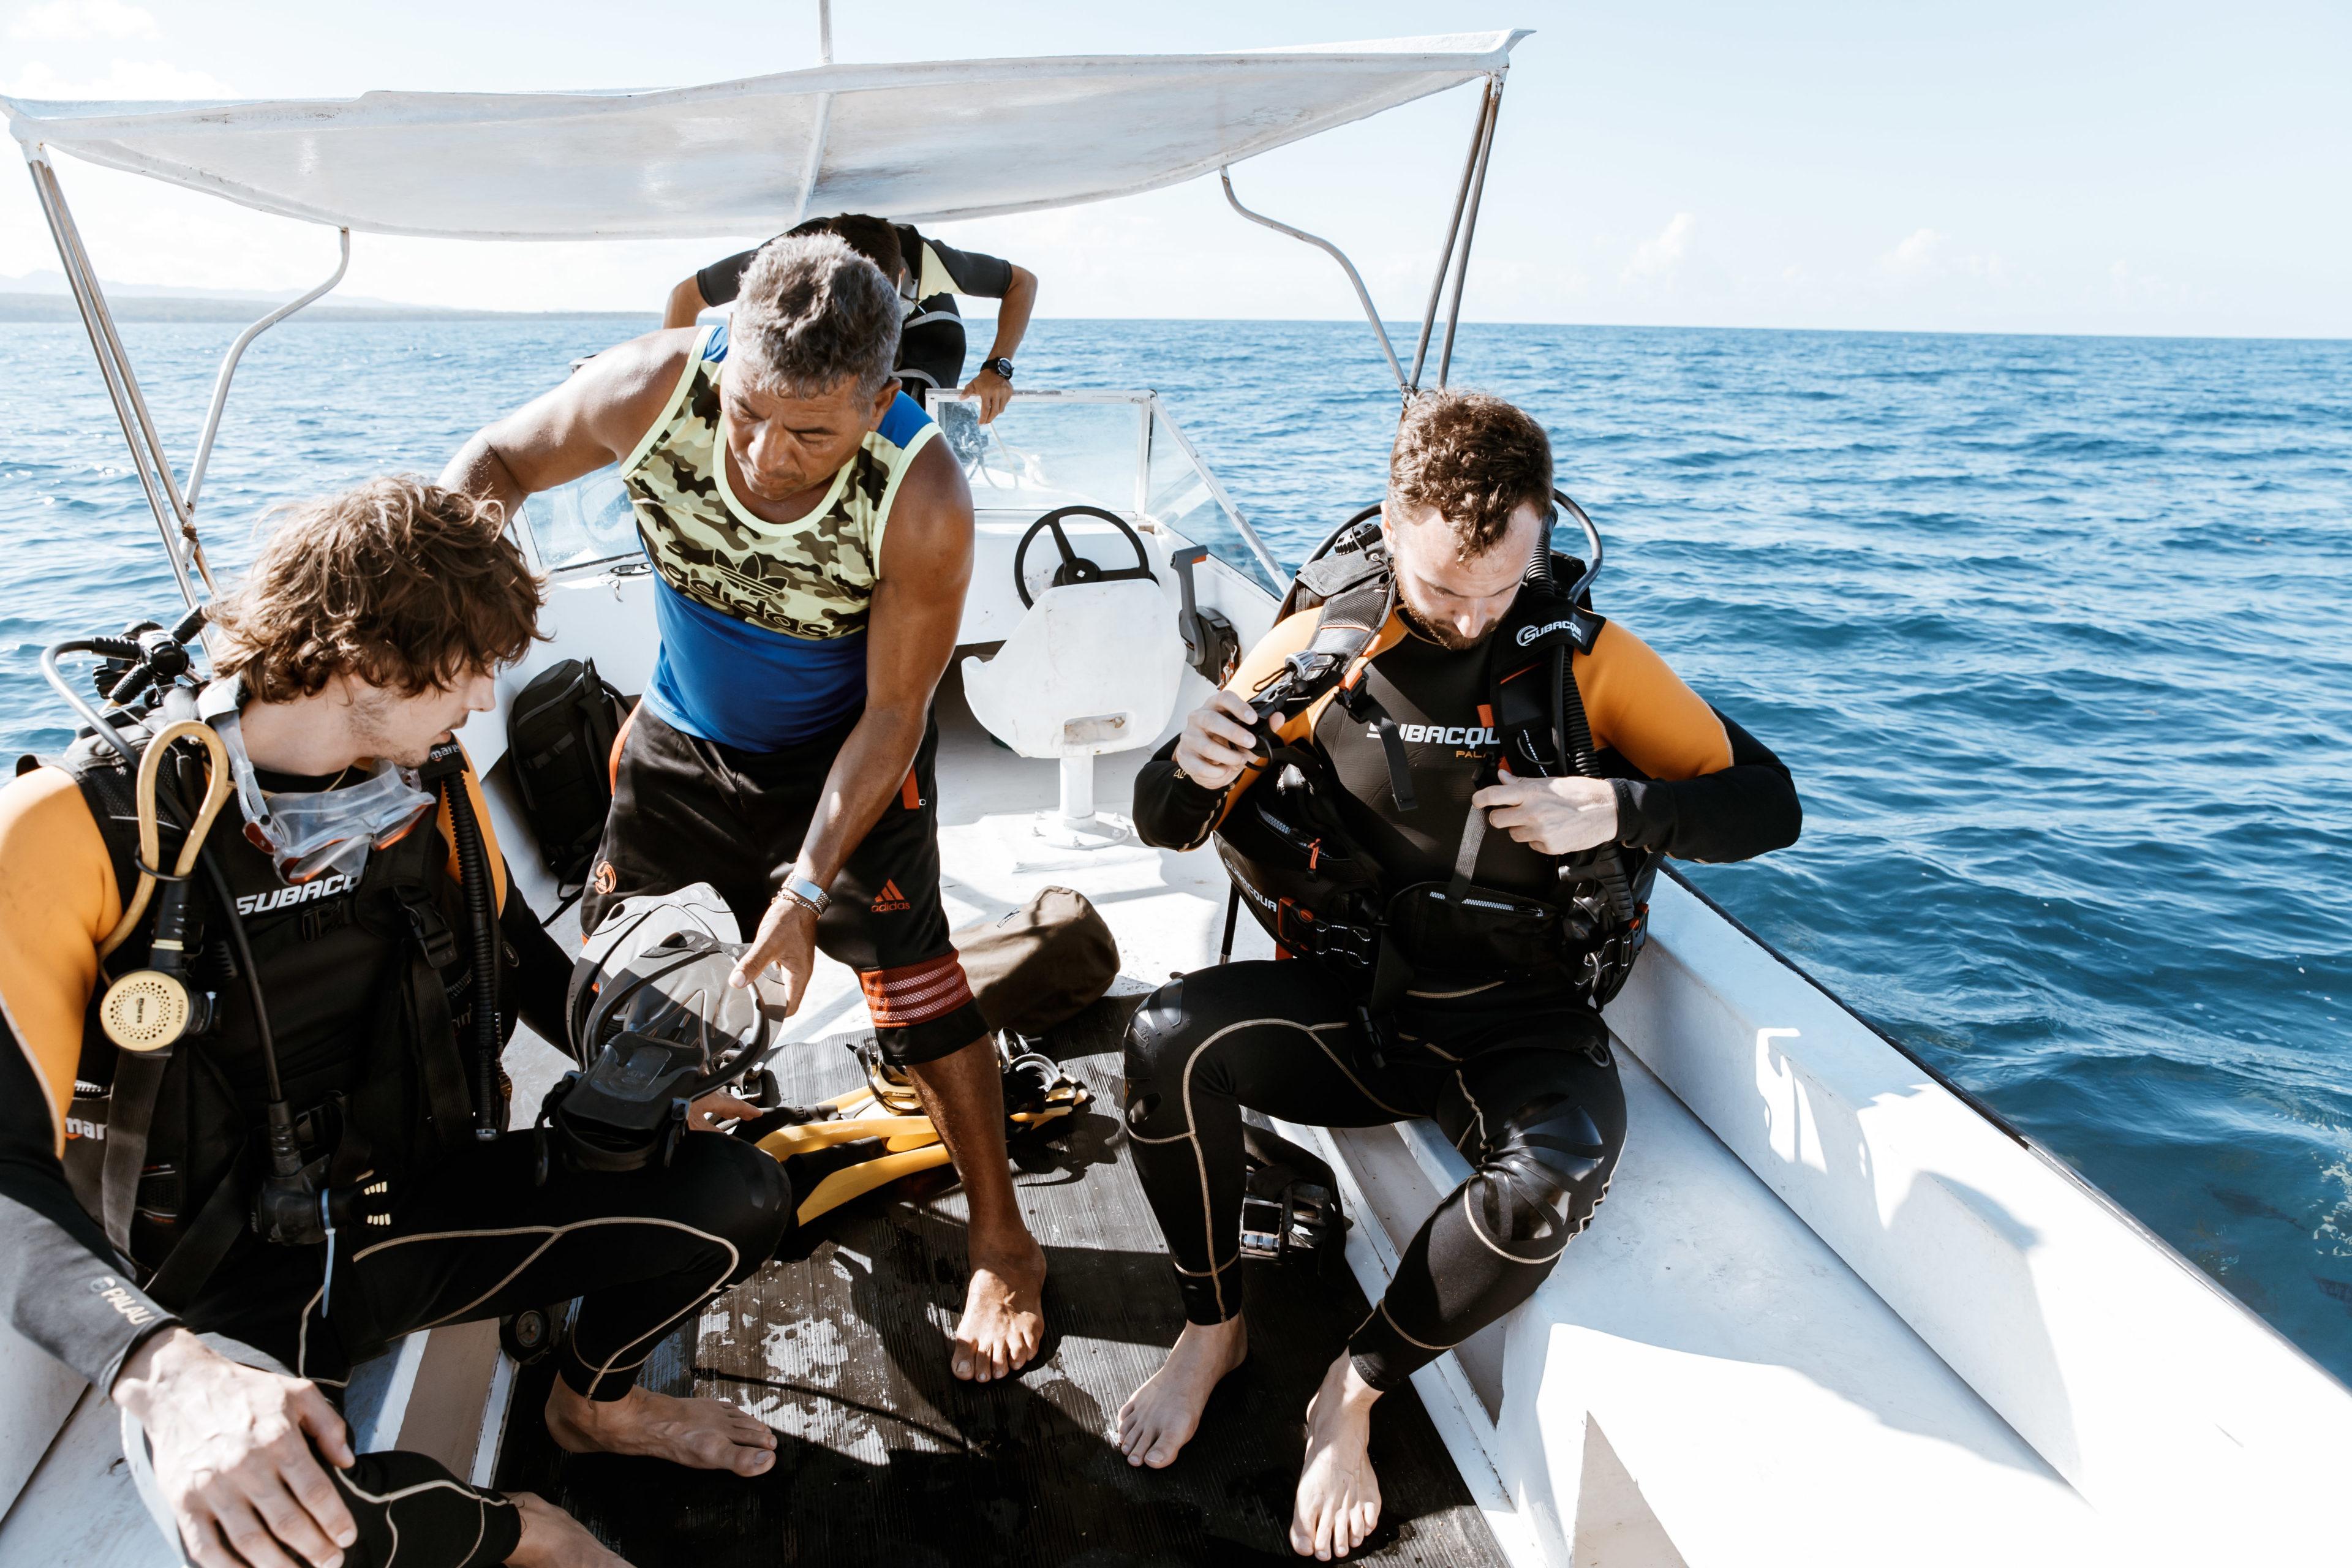 Taucher im Boot in der Nähe von Trinidad